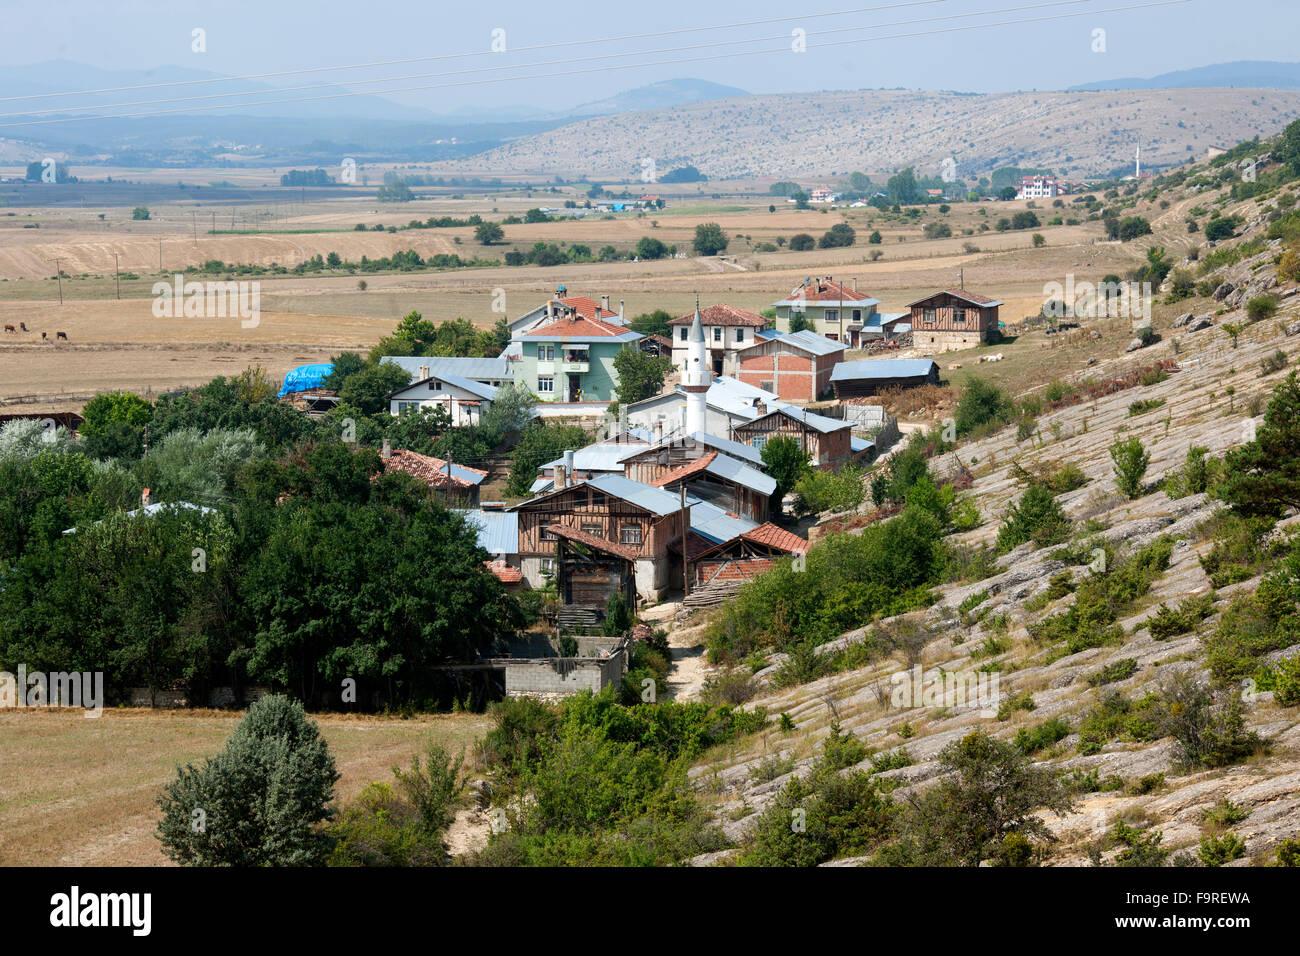 Türkei, westliche Schwarzmeerküste, Dorf Üyük bei Seydiler nördlich von Kastamonu - Stock Image